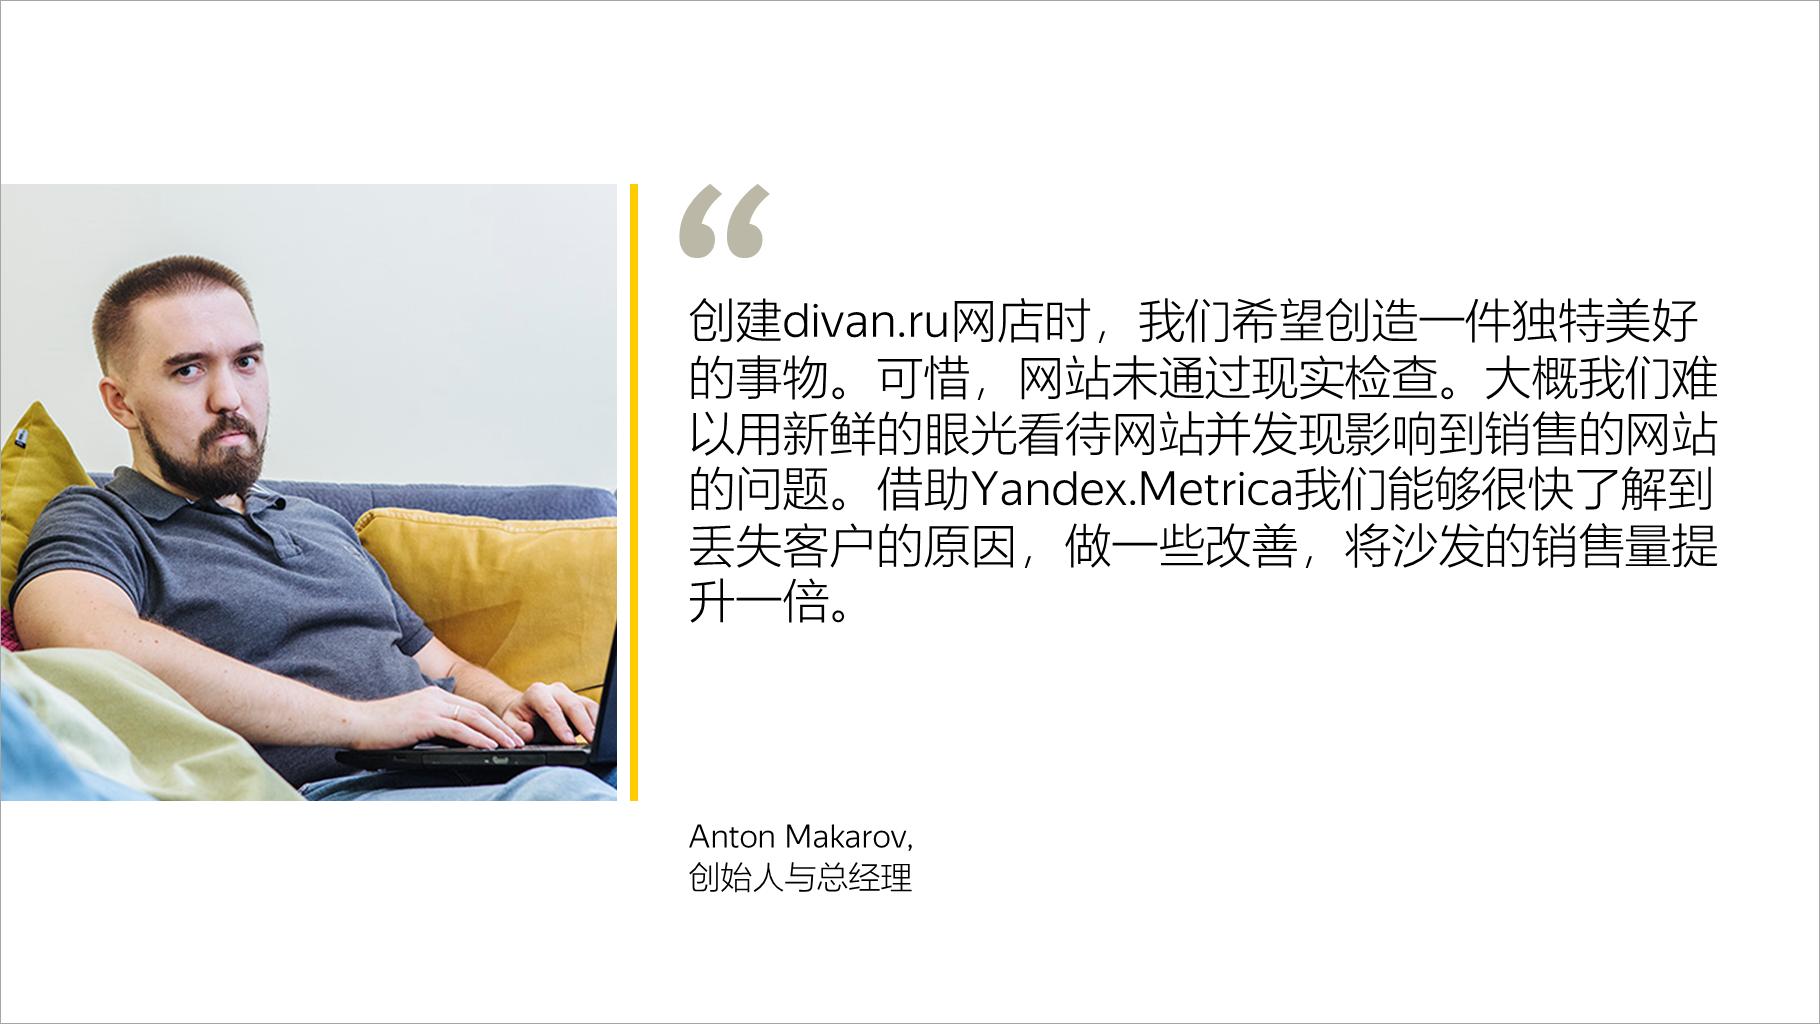 借助Yandex.Metrica我们能够很快了解到丢失客户的原因,做一些改善,将沙发的销售量提升一倍。